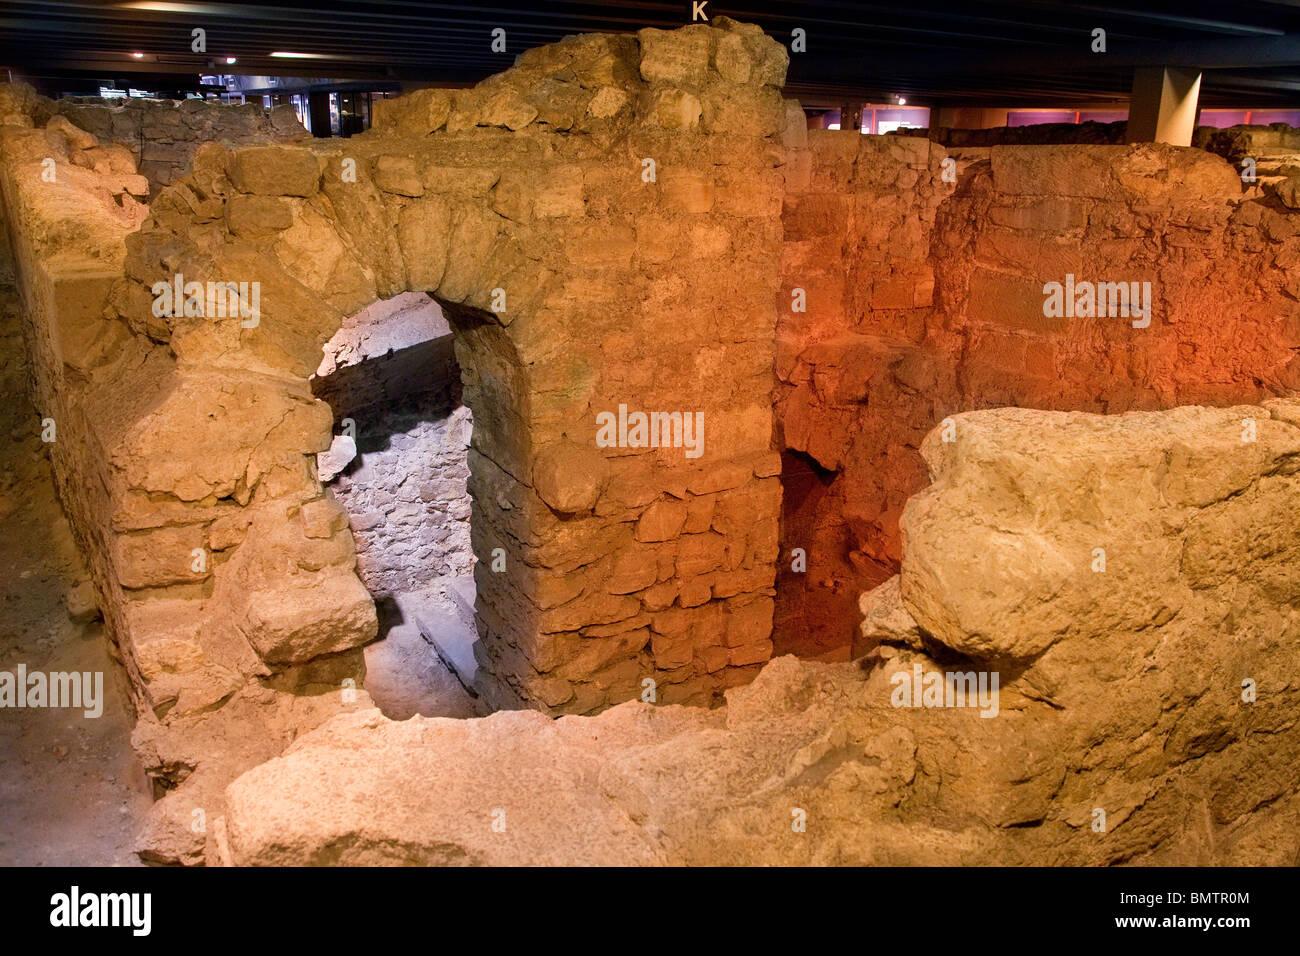 France, Paris, crypt of parvis Notre-Dame-de-Paris - Stock Image